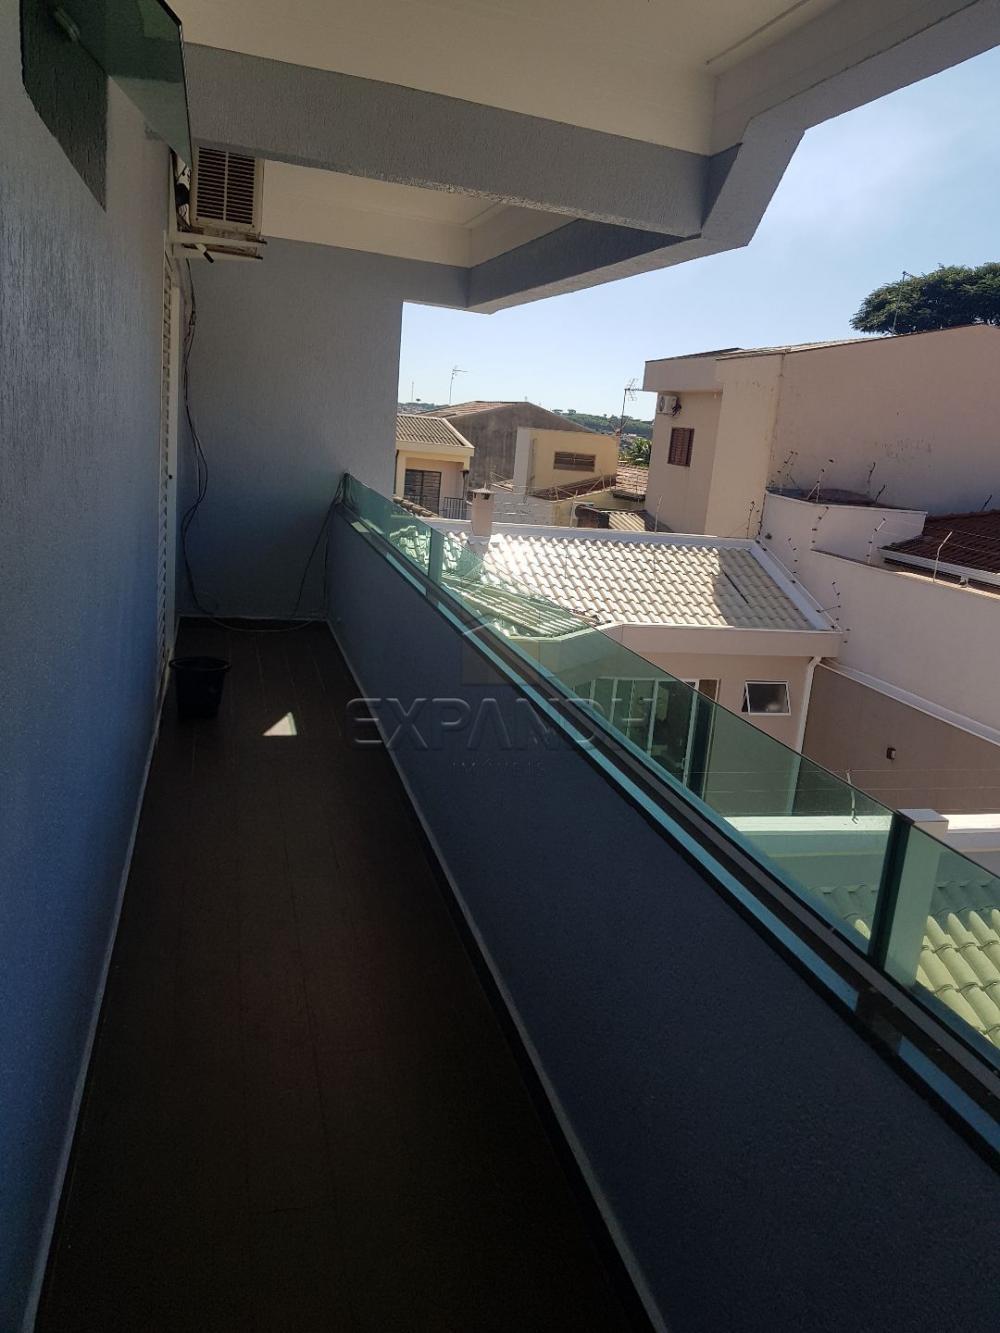 Comprar Casas / Padrão em Sertãozinho R$ 1.380.000,00 - Foto 19